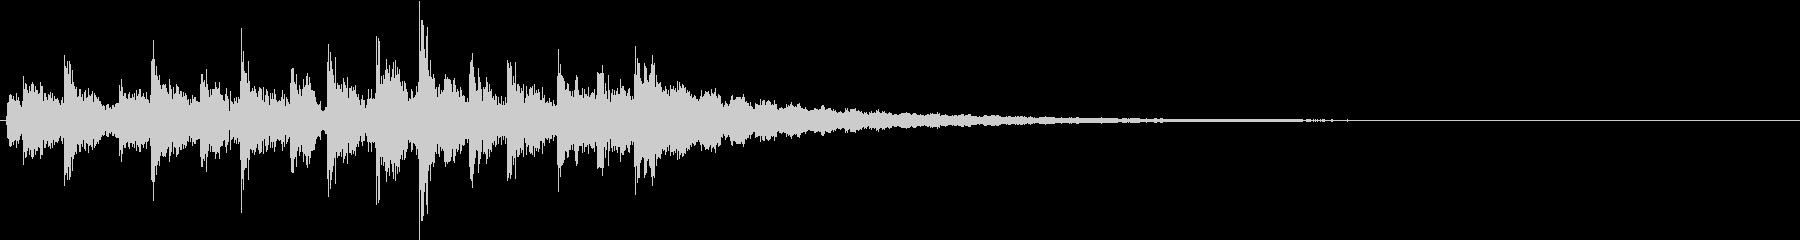 サックフライ:カウベル、ショートラトルの未再生の波形